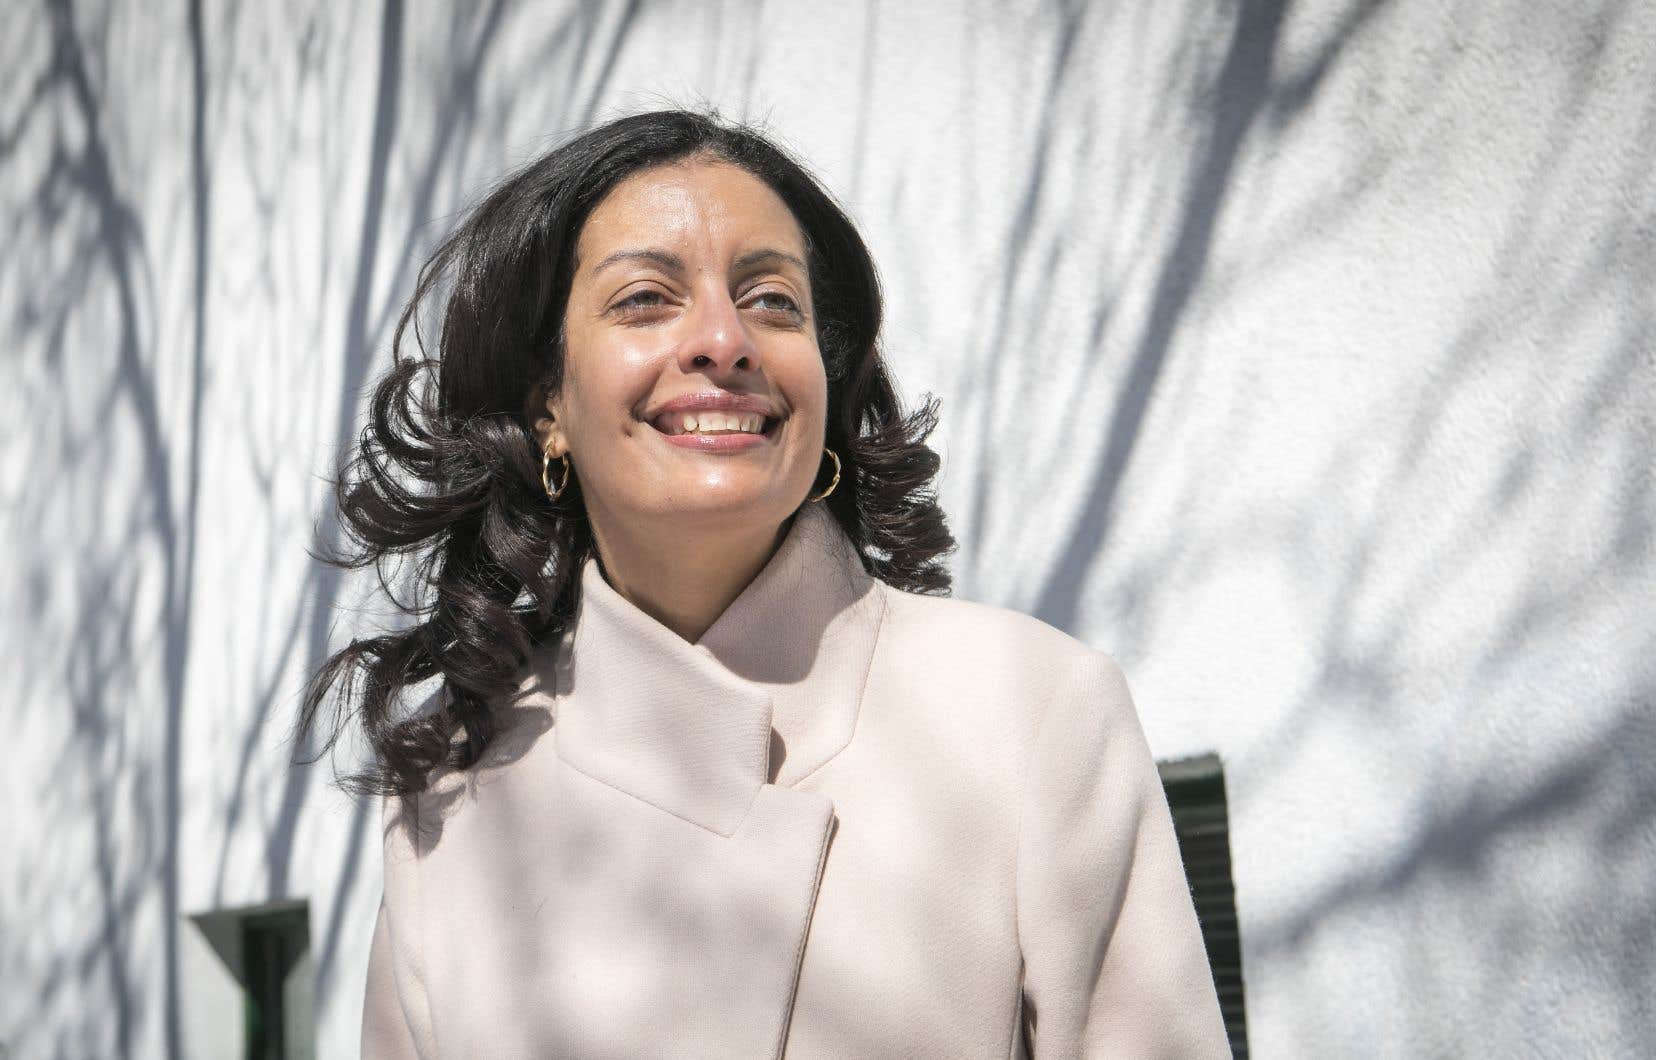 Près d'un an après son arrivée à la tête du Parti libéral du Québec, Dominique Anglade fait le point.